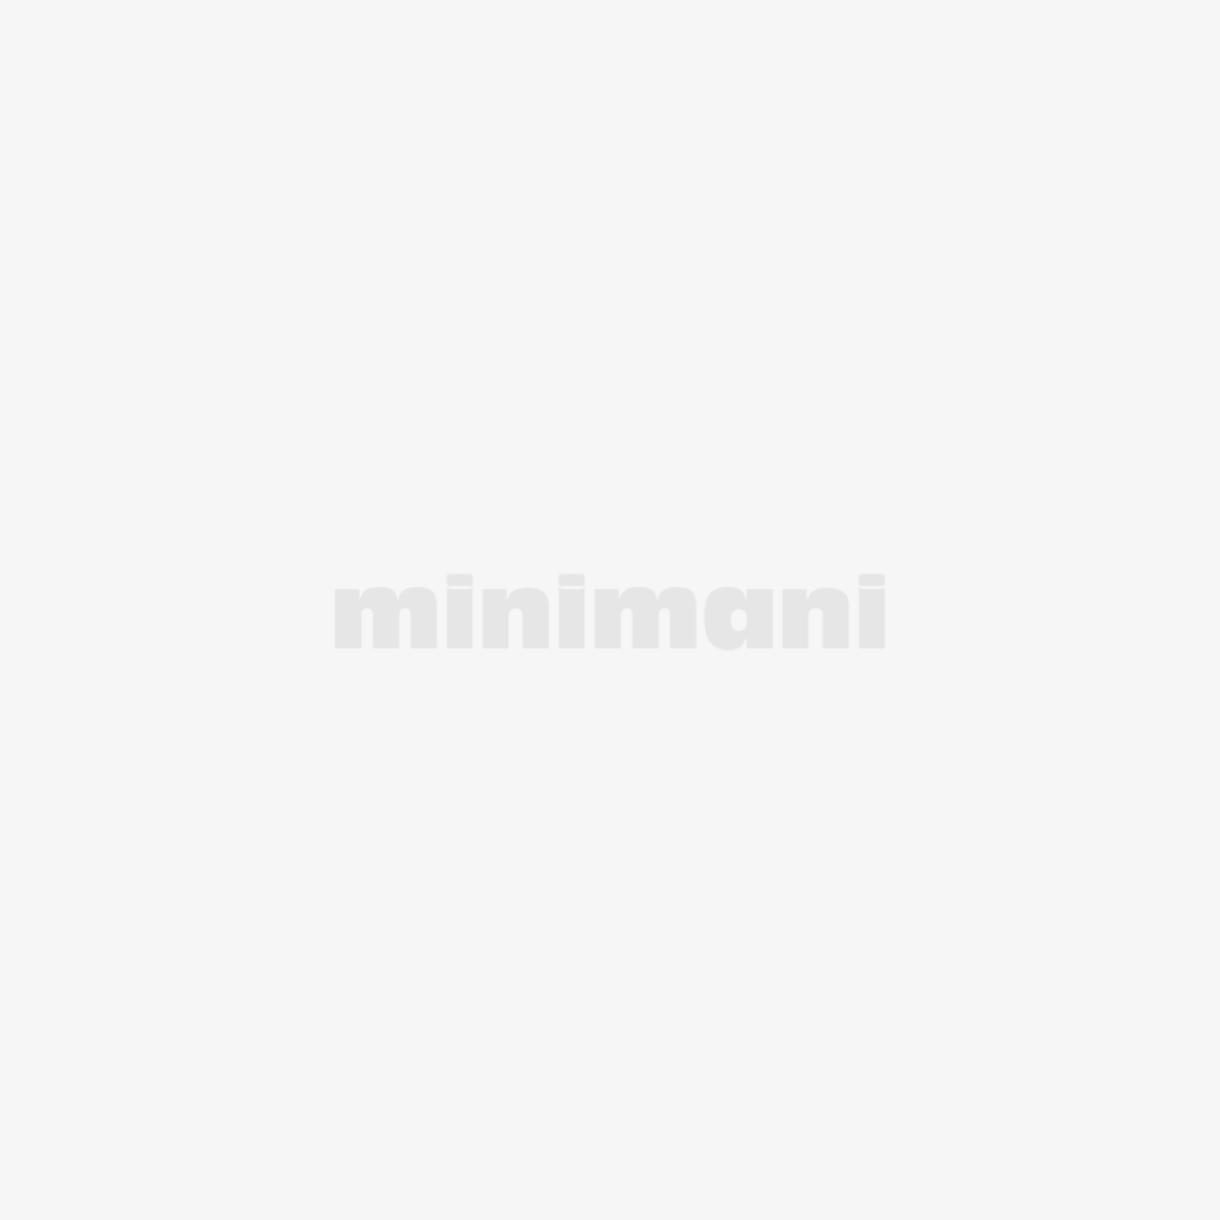 WAHLSTEN RACE KILPAPINTELI SPANDEX - PITUUS 310 CM